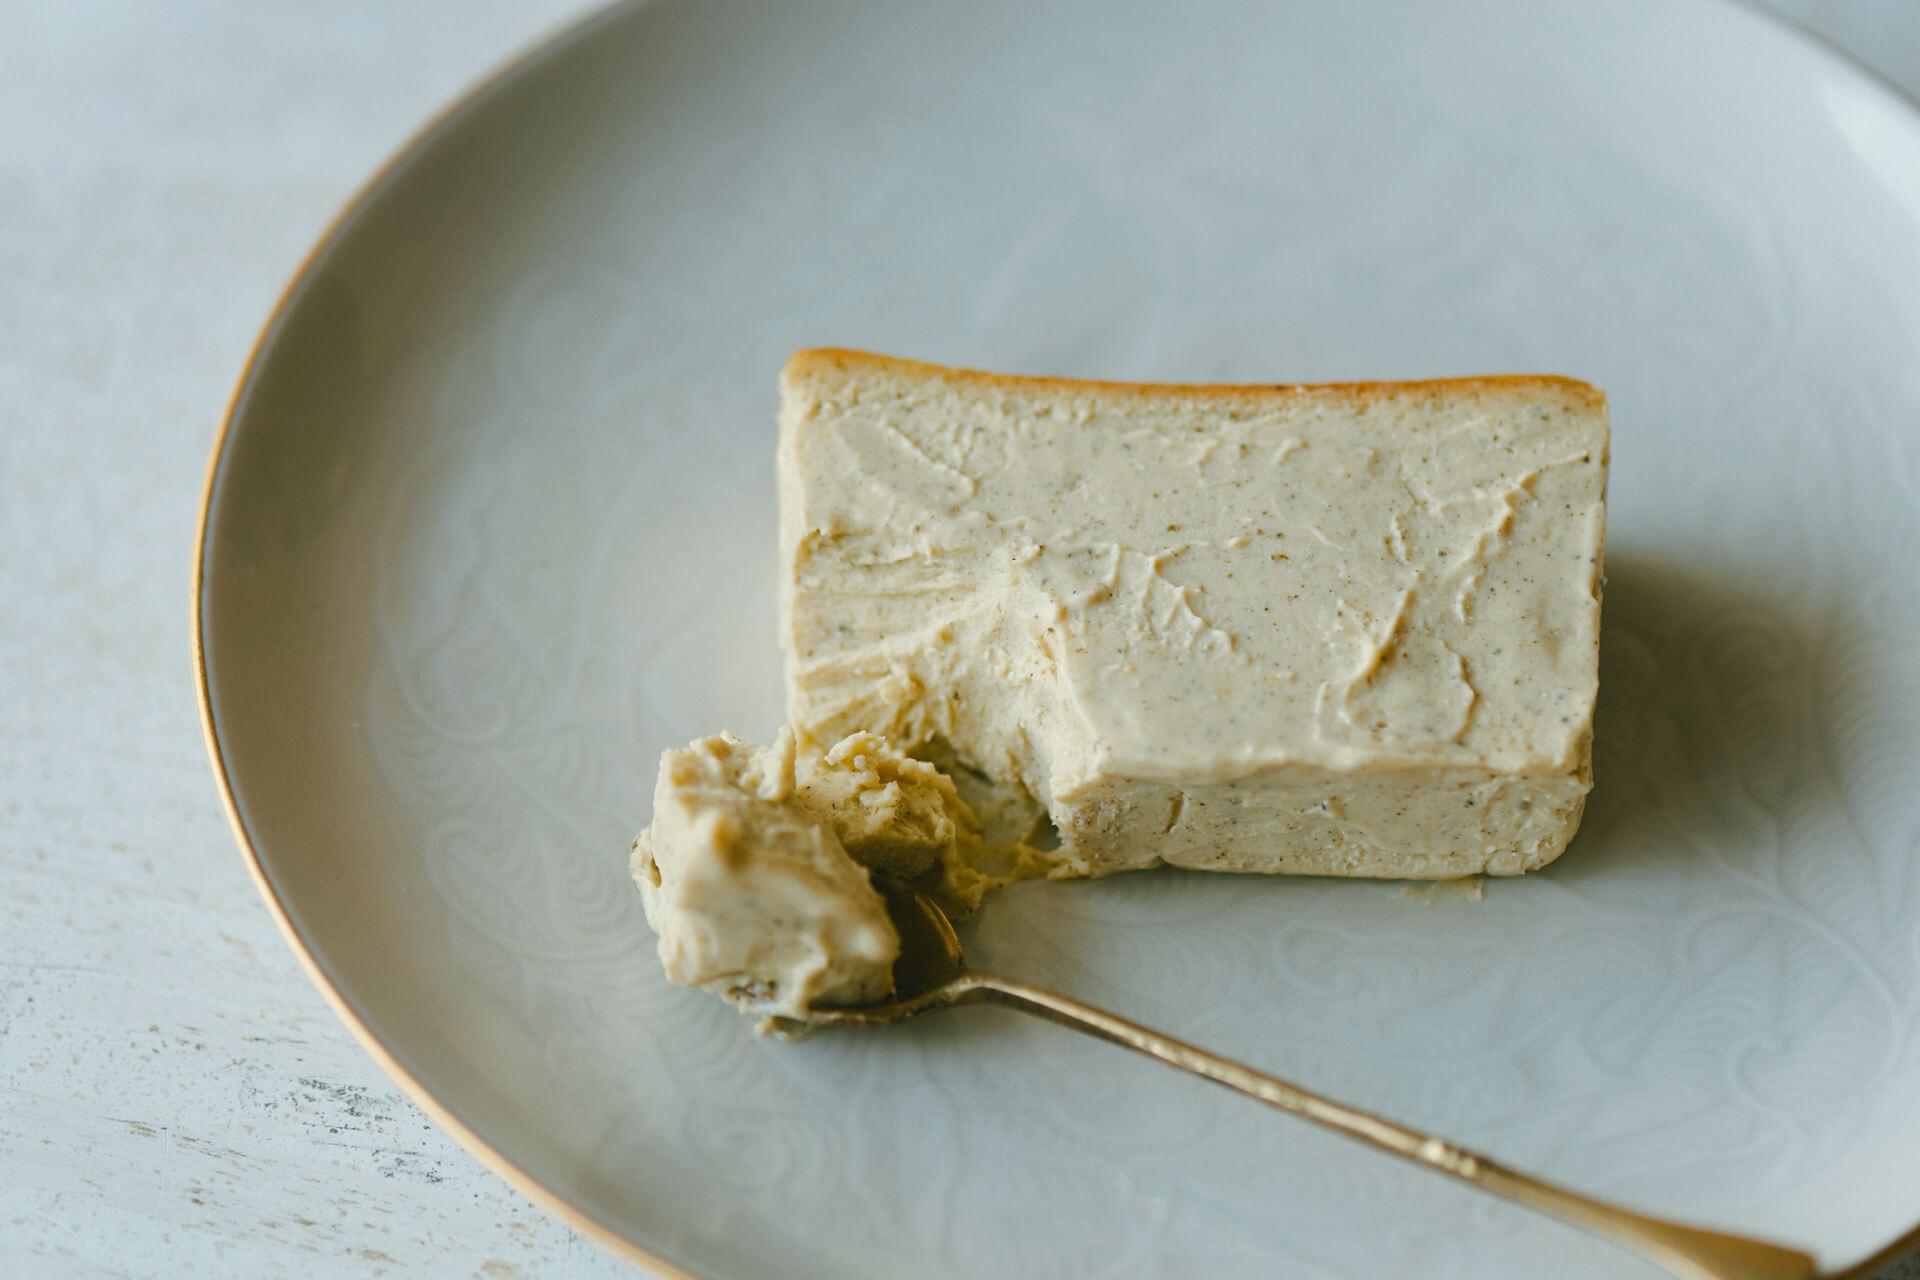 極上のチーズケーキがあなたの街にやってくる!Mr. CHEESECAKEのポップアップストアが全国8ヶ所でオープン gourmet210915_mrcheesecake_4